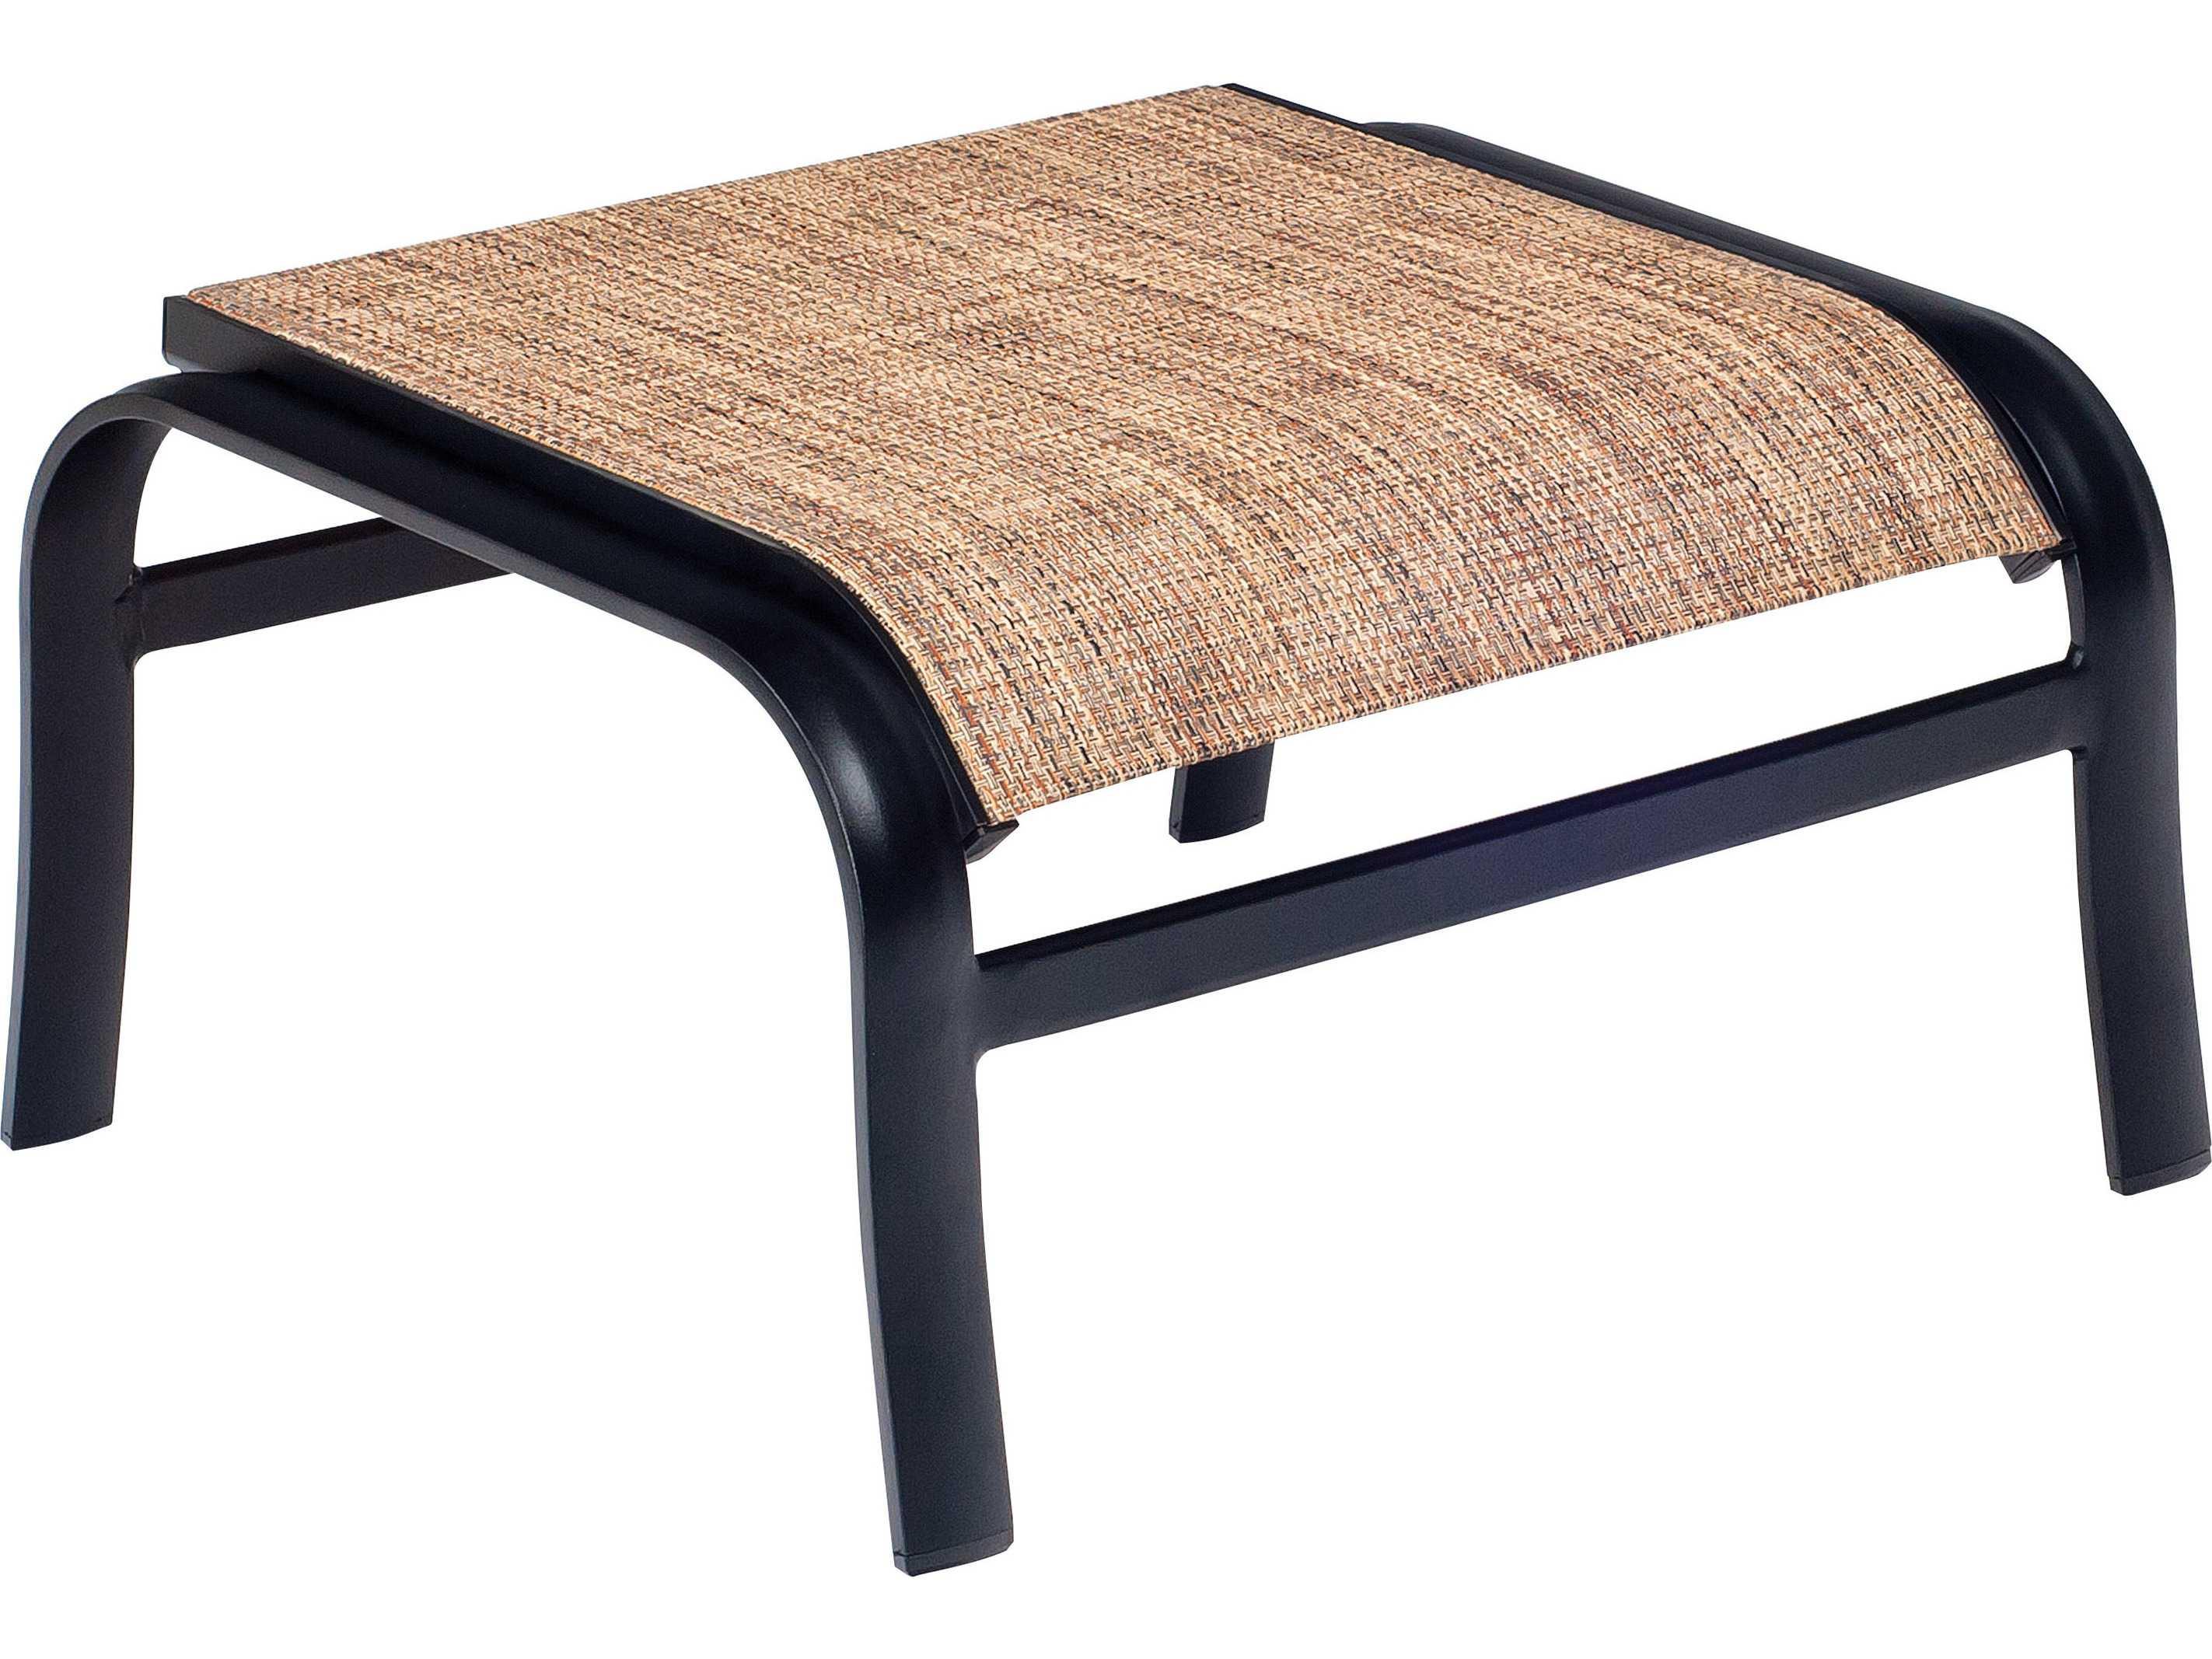 woodard fremont sling aluminum ottoman wr2p0486 fremont sling